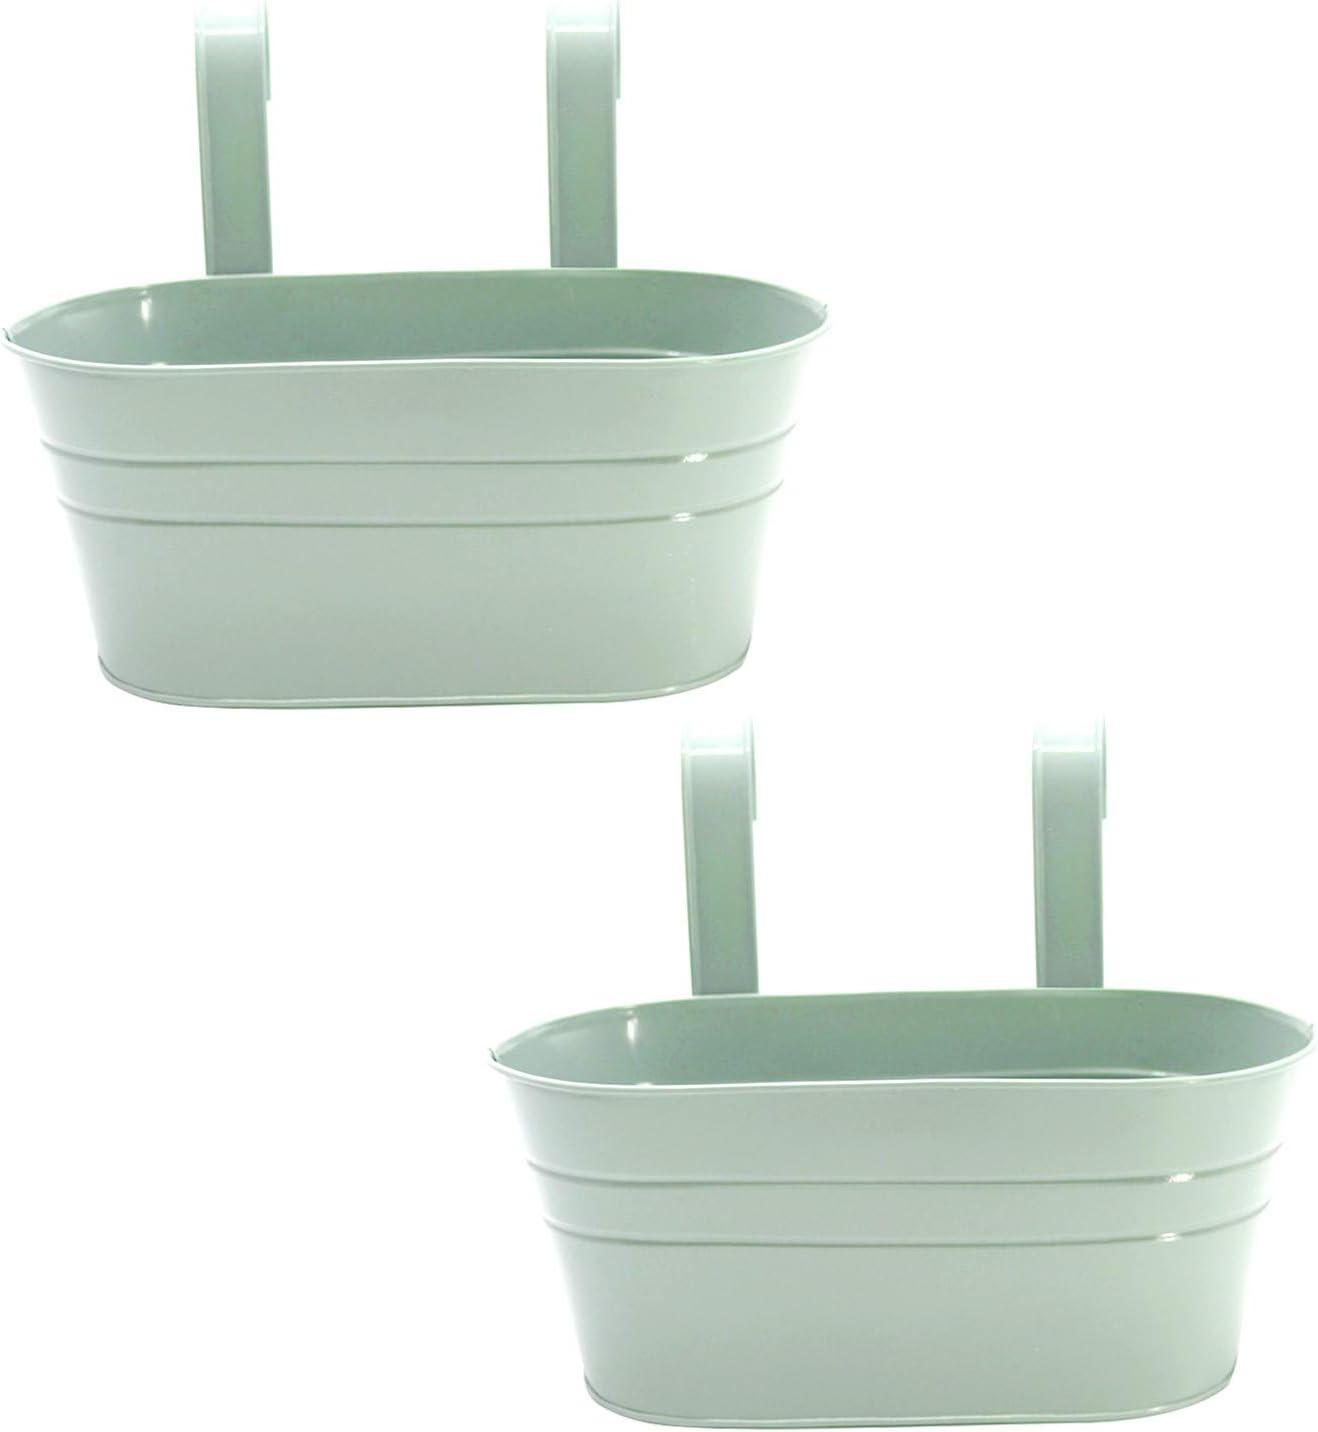 2 Pcs Metal Hanging Flower Plant Pots, Metal Bucket Flower Pots, Fence Bucket, Hanging Flower Pot for Indoor and Outdoor, Storage Bucket in Kitchen or Bathroom, Detachable Hook(Light Green)